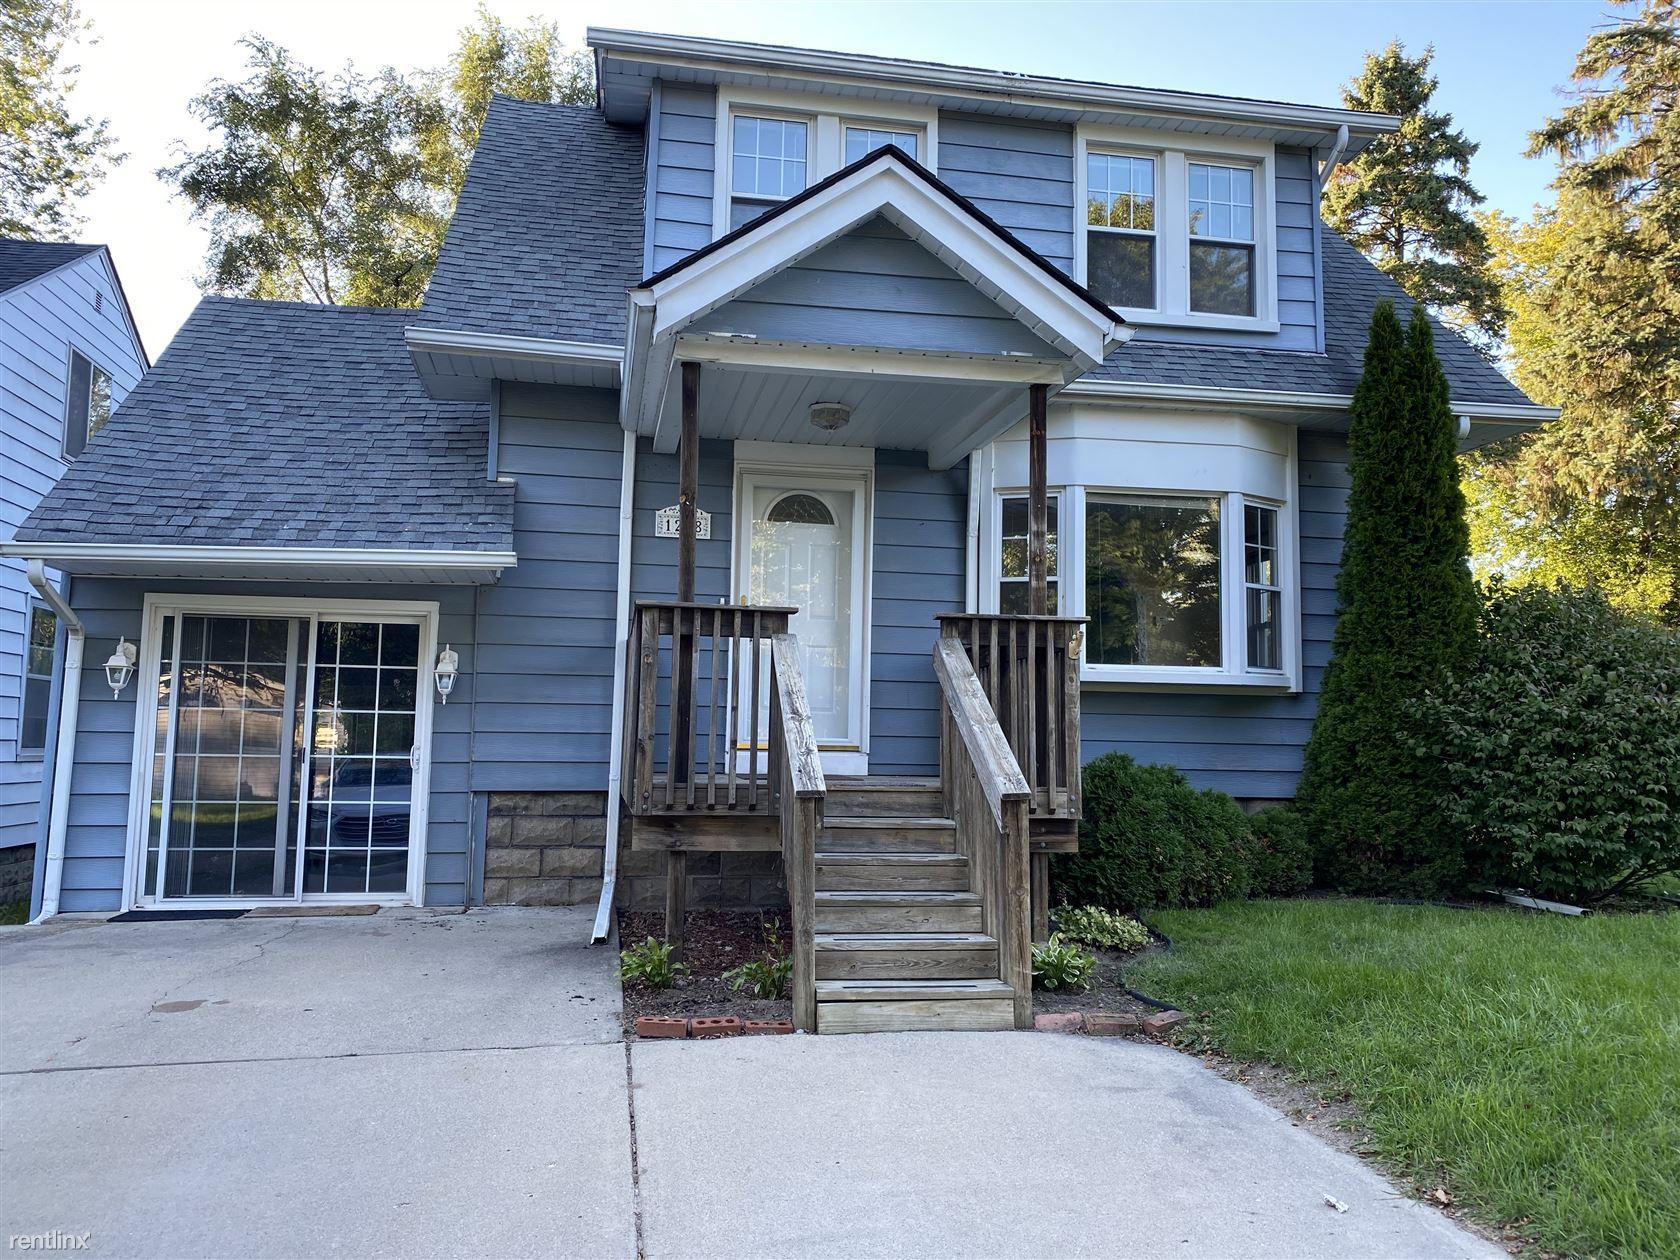 1248 Desiax Ave, Bloomfield Hills, MI - $1,250